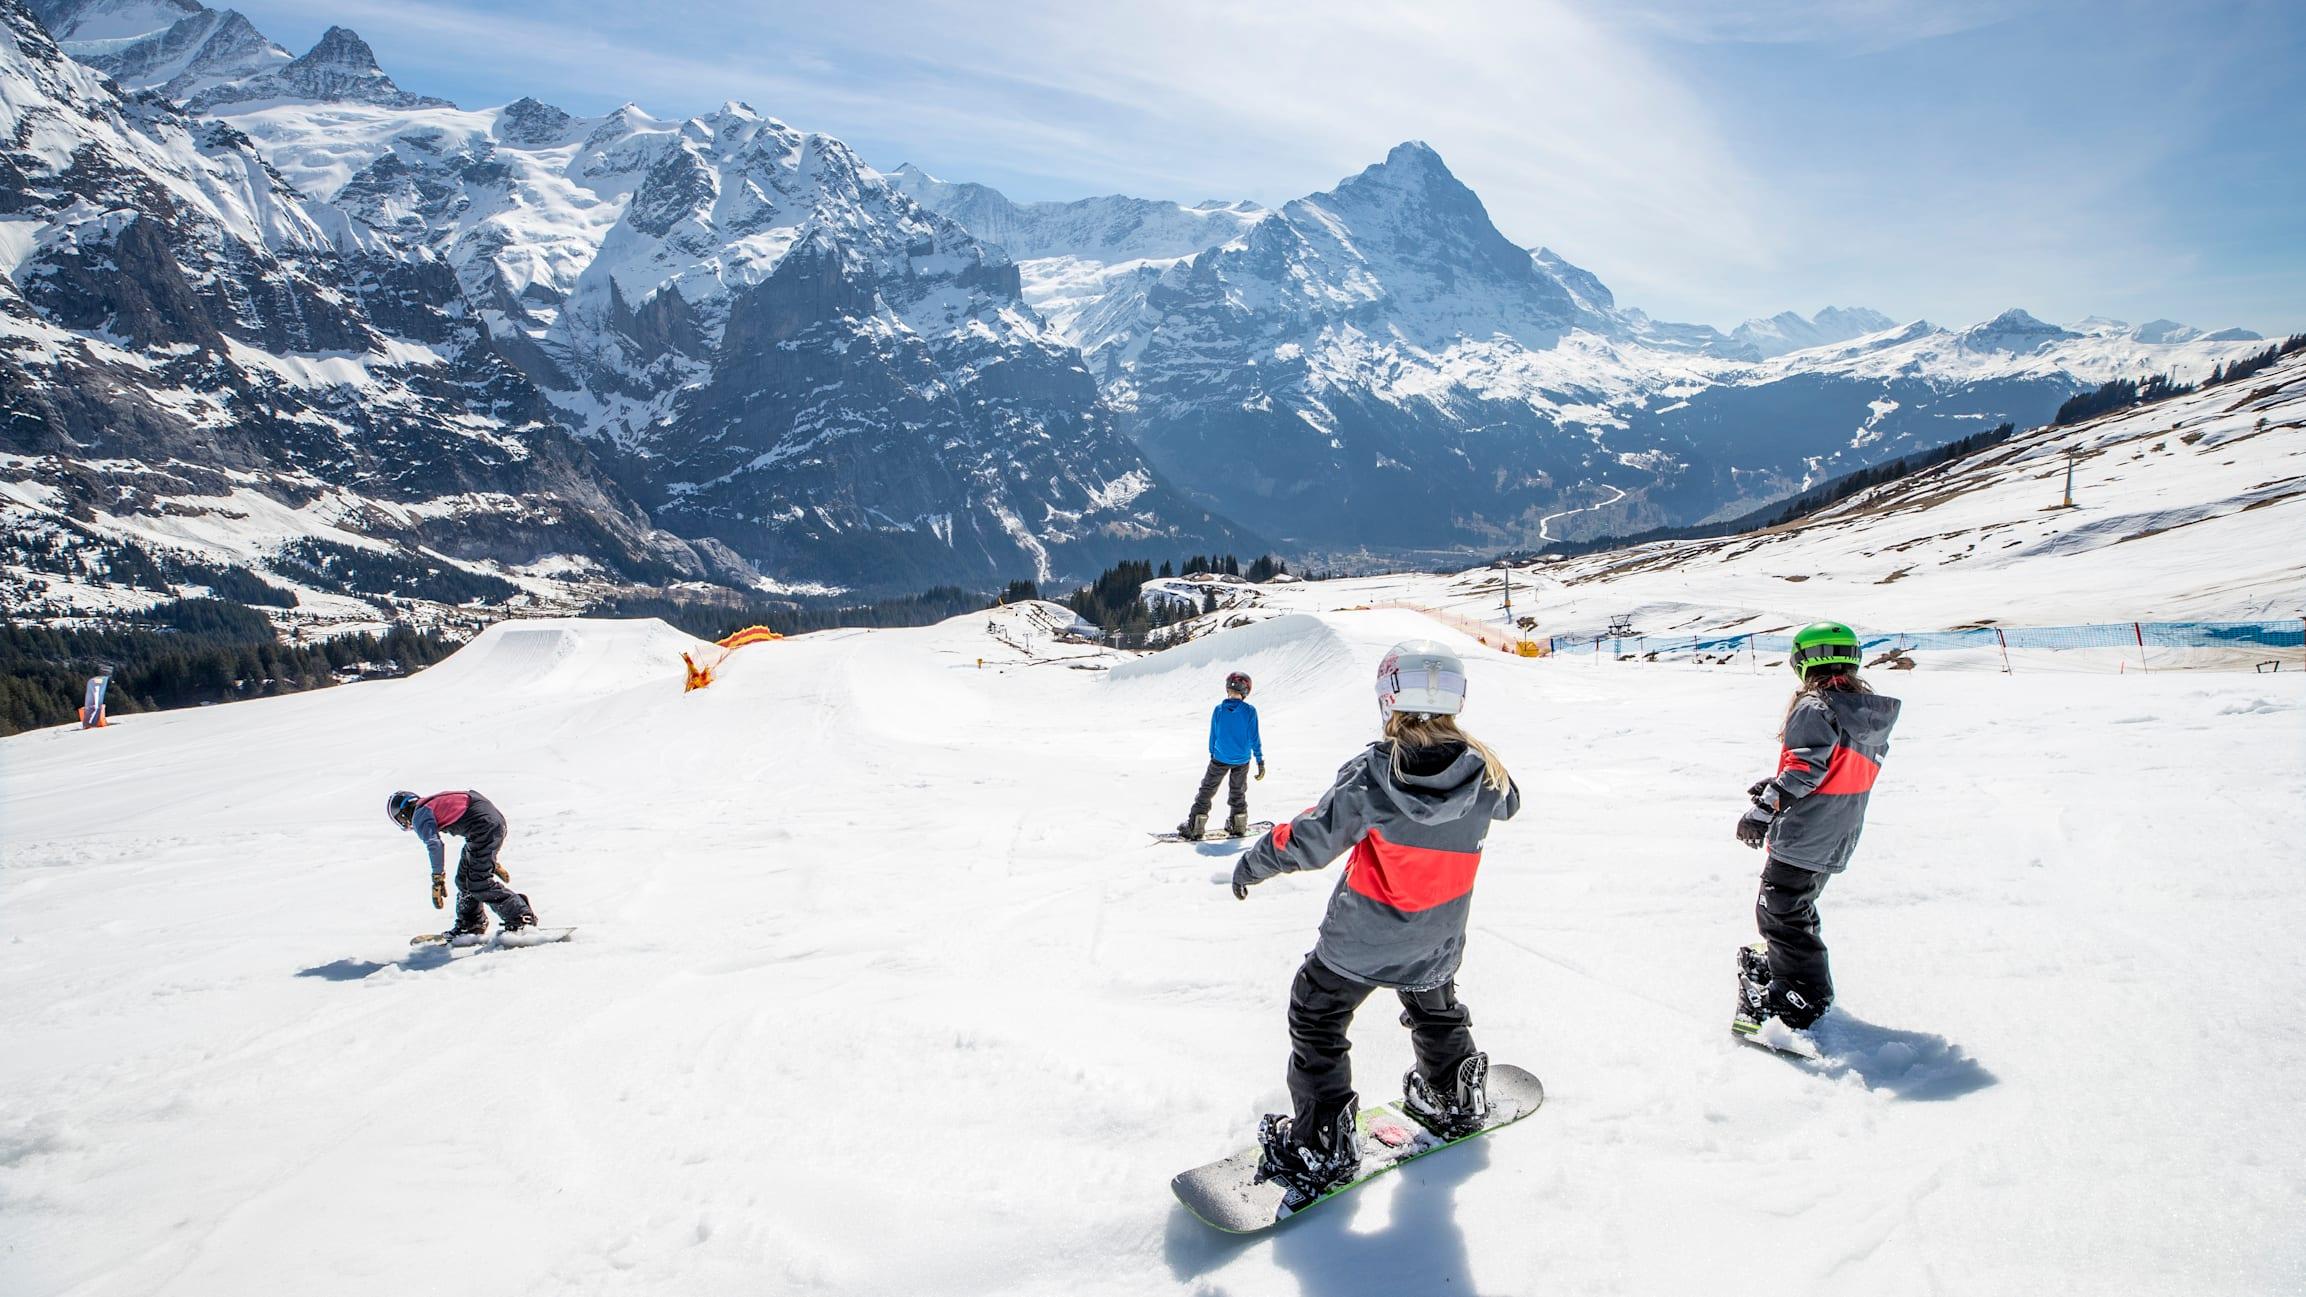 Grindelwald, Jungfrau Railways, winter, Eiger, First, Grindelwald-First, winter sports, kids, children, snowboarding, WhiteElements